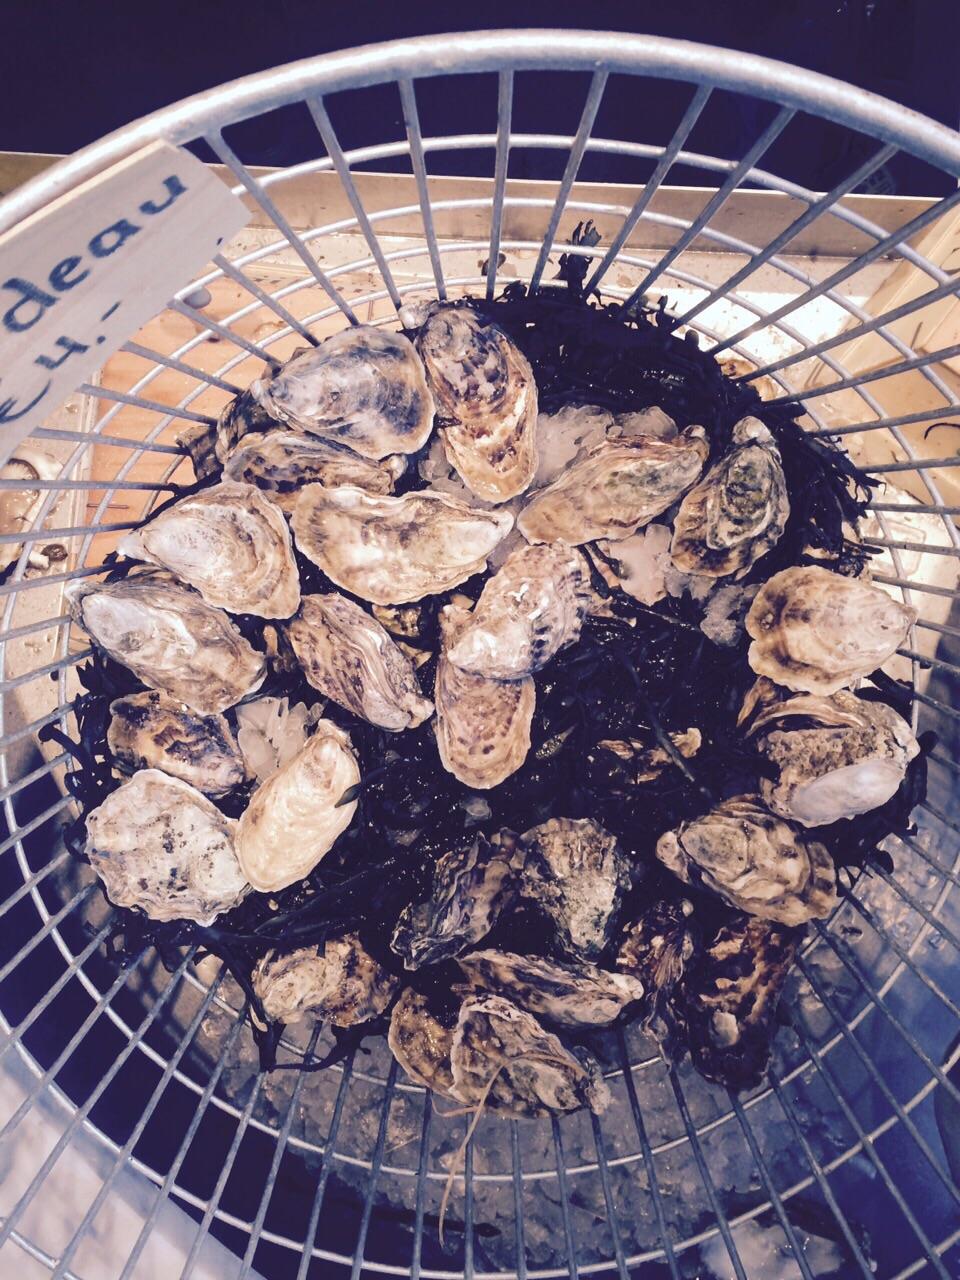 Amsterdam oesters brut de mer mand Catch52